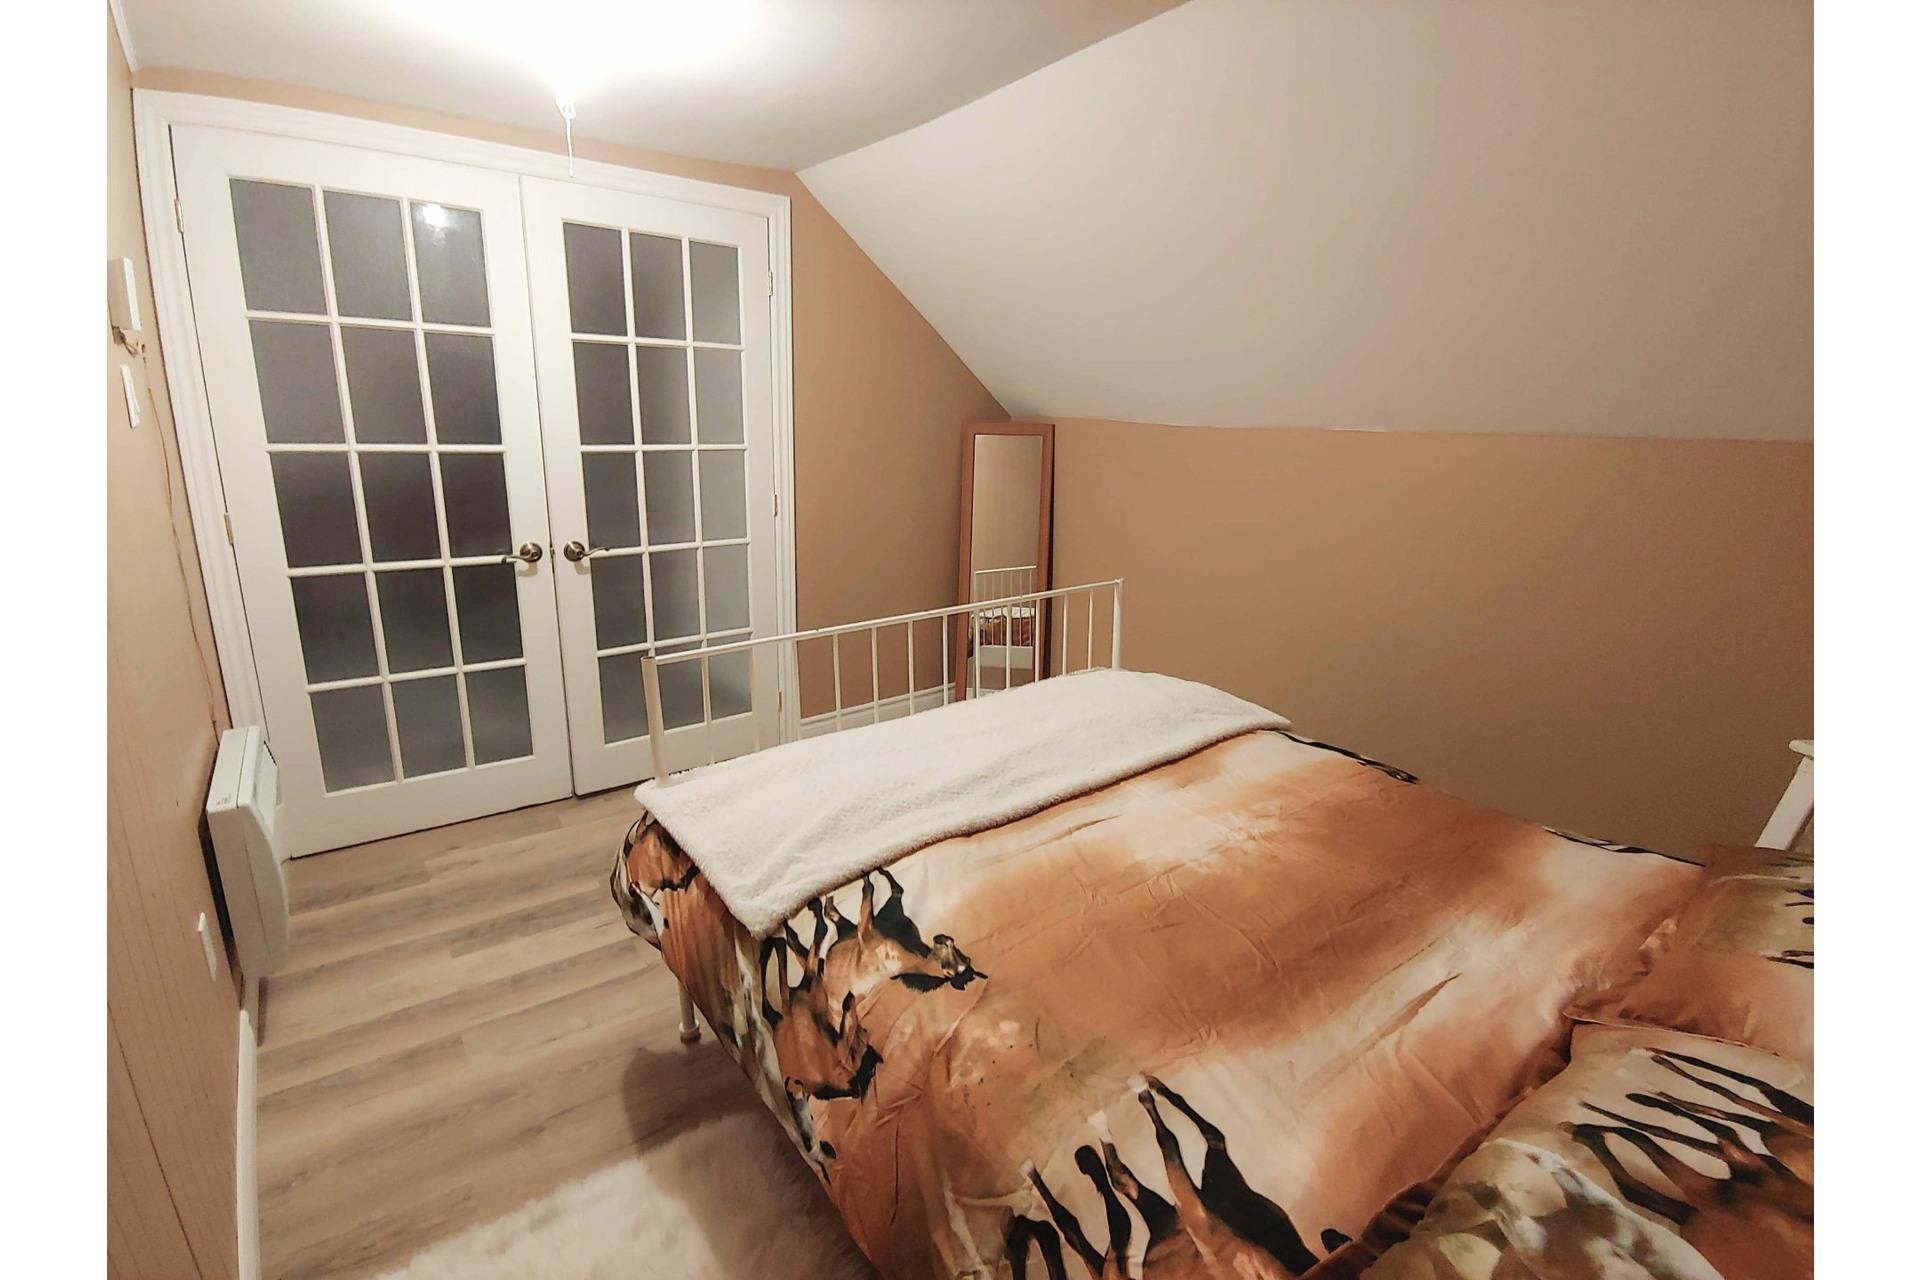 image 11 - Farmhouse For sale Notre-Dame-du-Bon-Conseil - Paroisse - 5 rooms